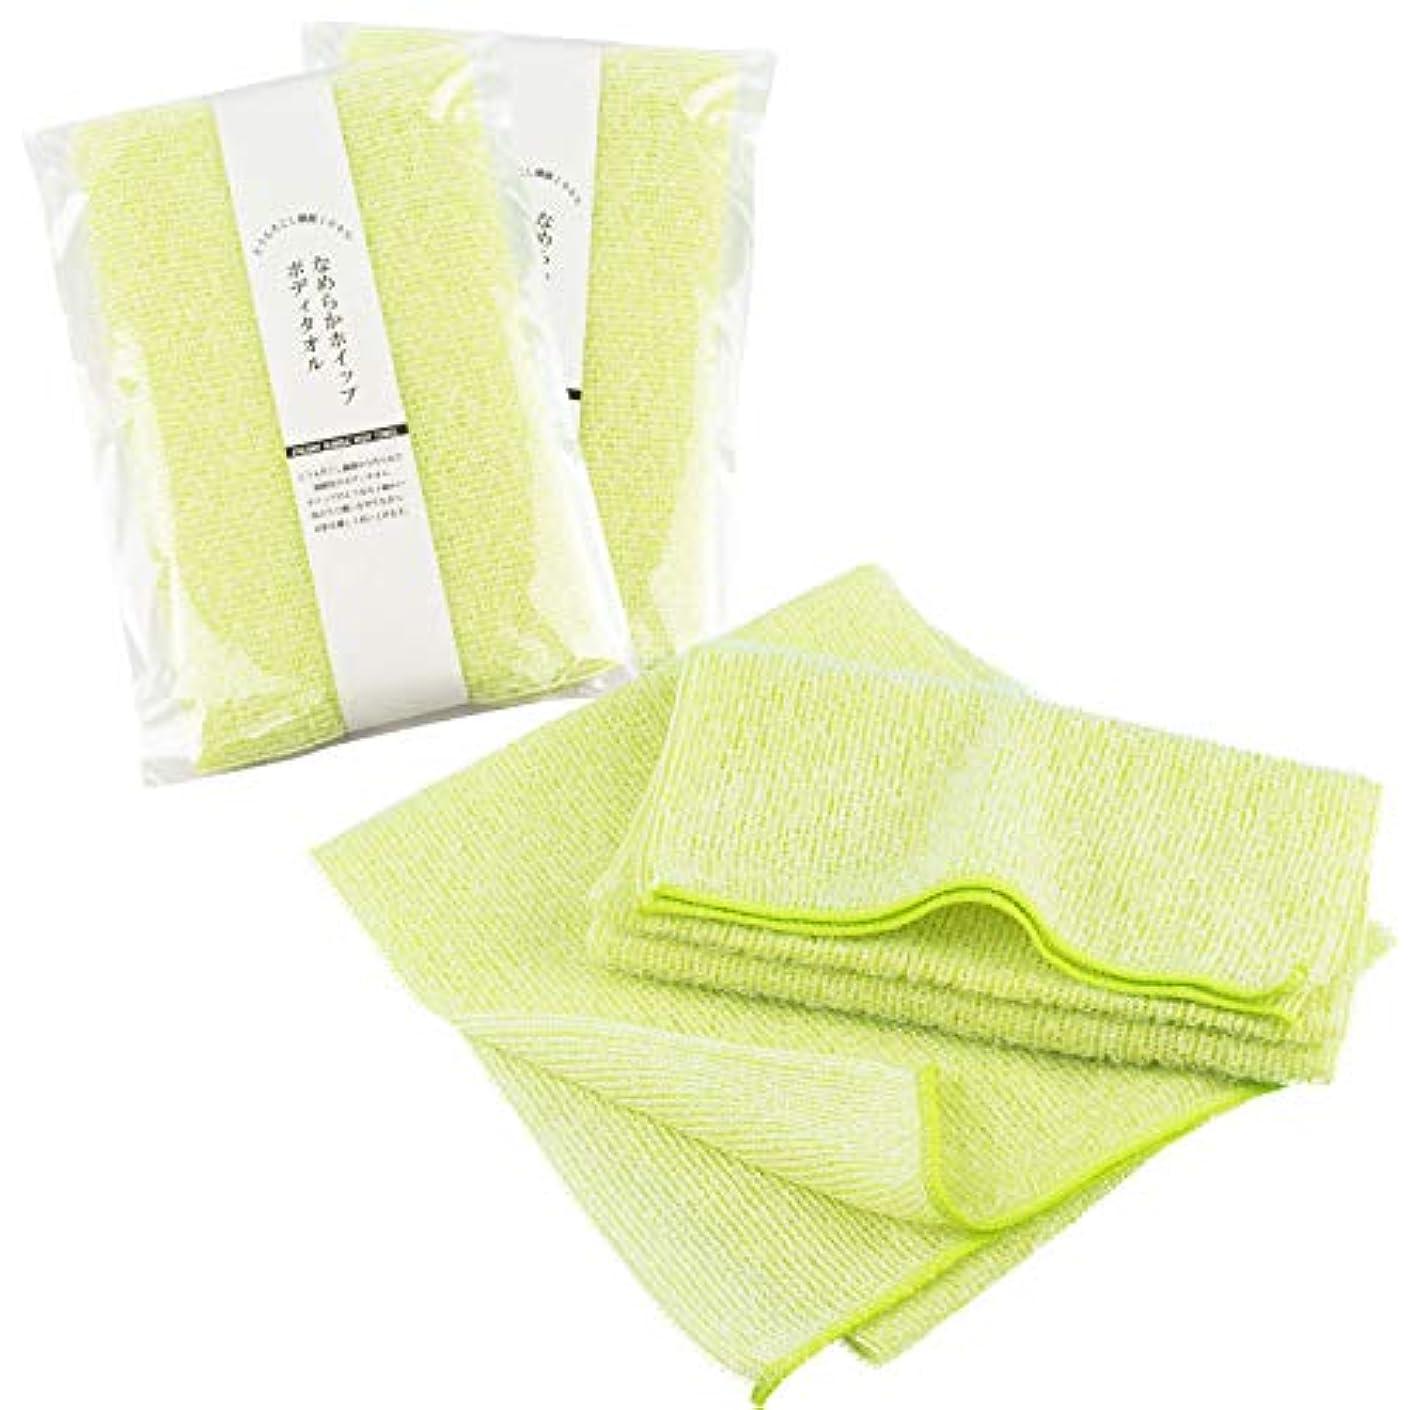 公平道裁定ブルーム なめらかホイップ ボディタオル とうもろこし繊維100% 弱酸性 2枚セット (グリーン)